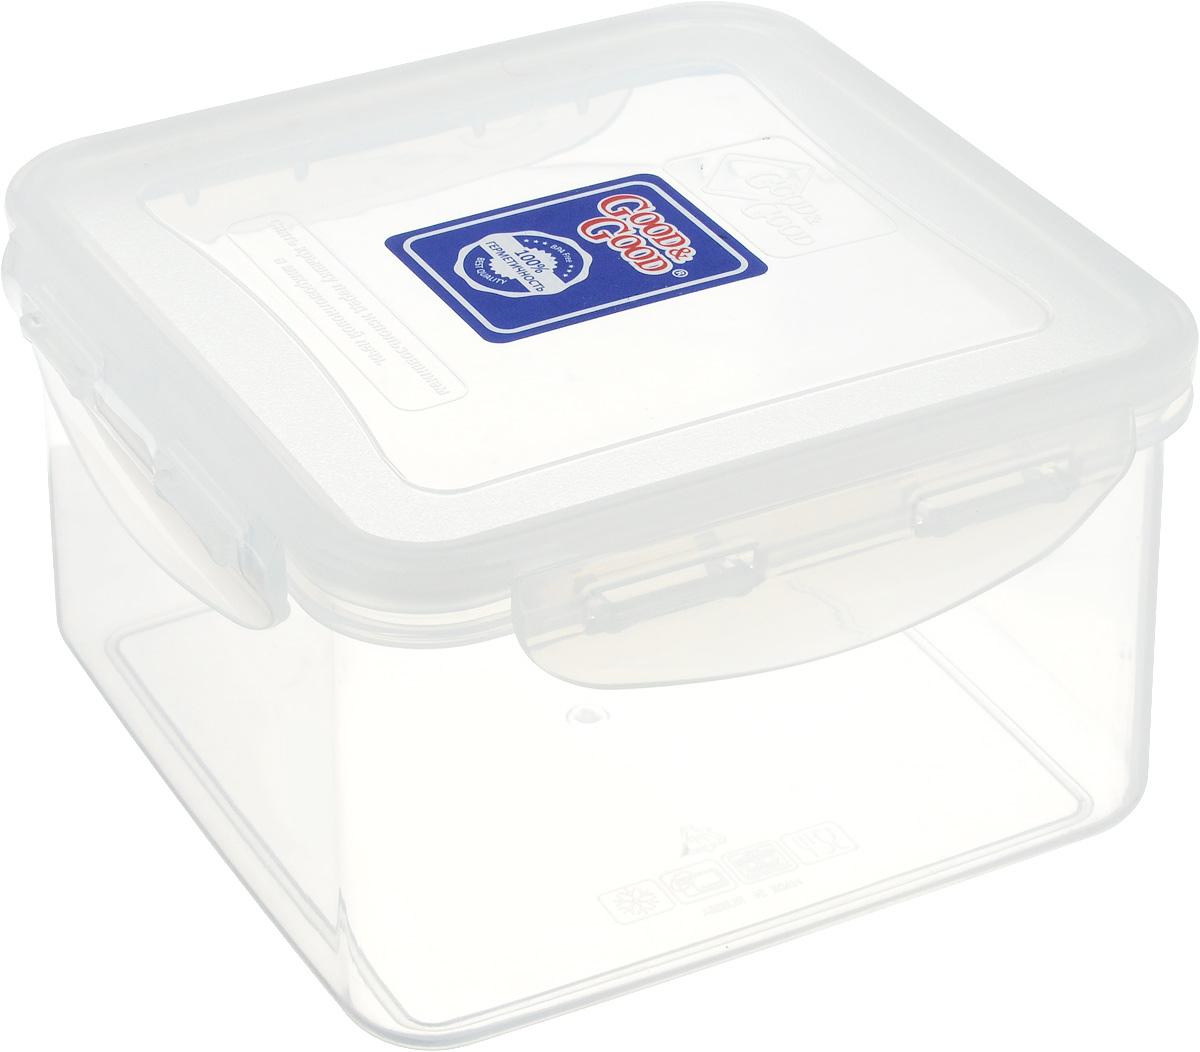 Контейнер Good&Good, цвет: прозрачный, 1,25 лS2-2_прозрачныйКвадратный контейнер Good&Good изготовлен из высококачественного полипропилена и предназначен для хранения любых пищевых продуктов. Благодаря особым технологиям изготовления, изделие в течение всего времени службы не меняет цвет и не пропитывается запахами. Крышка с силиконовой вставкой герметично защелкивается специальным механизмом. Контейнер Good&Good удобен для ежедневного использования в быту. Можно мыть в посудомоечной машине, использовать в СВЧ при температуре не выше 100°С, пригоден для хранения в морозильной камере при температуре не ниже 20°С.